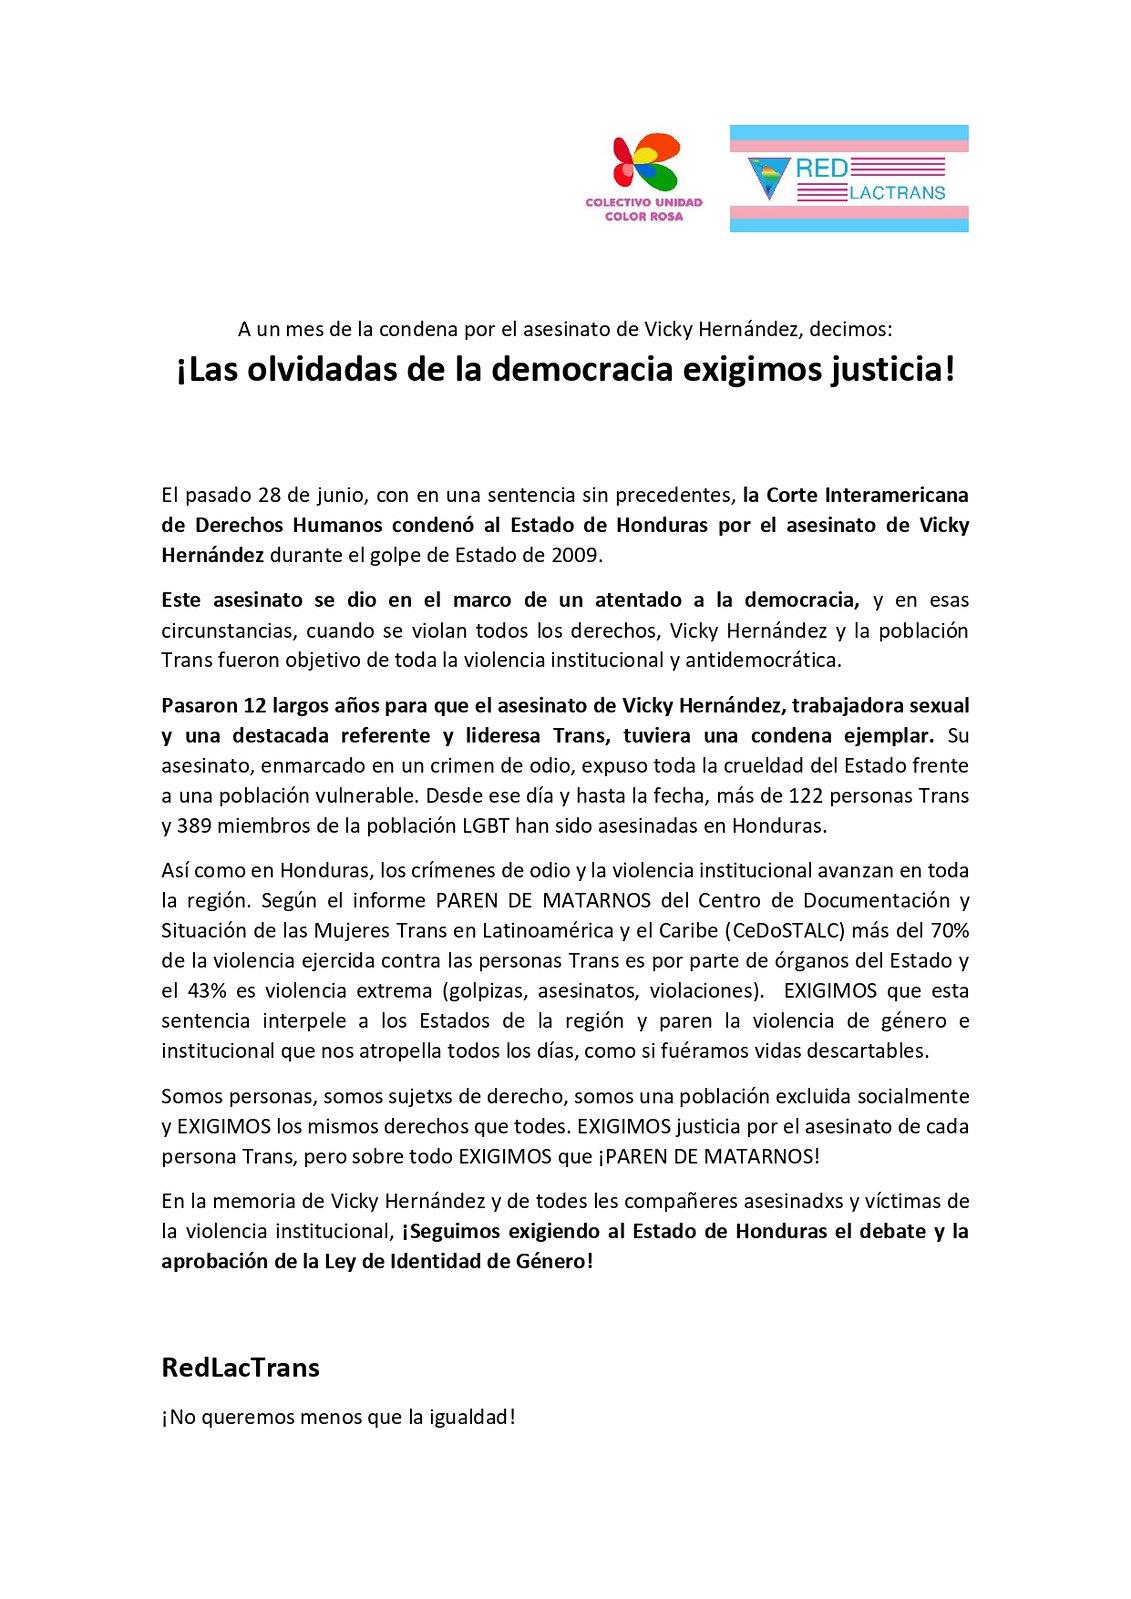 Las olvidadas de la democracia exigimos justicia_page-0001